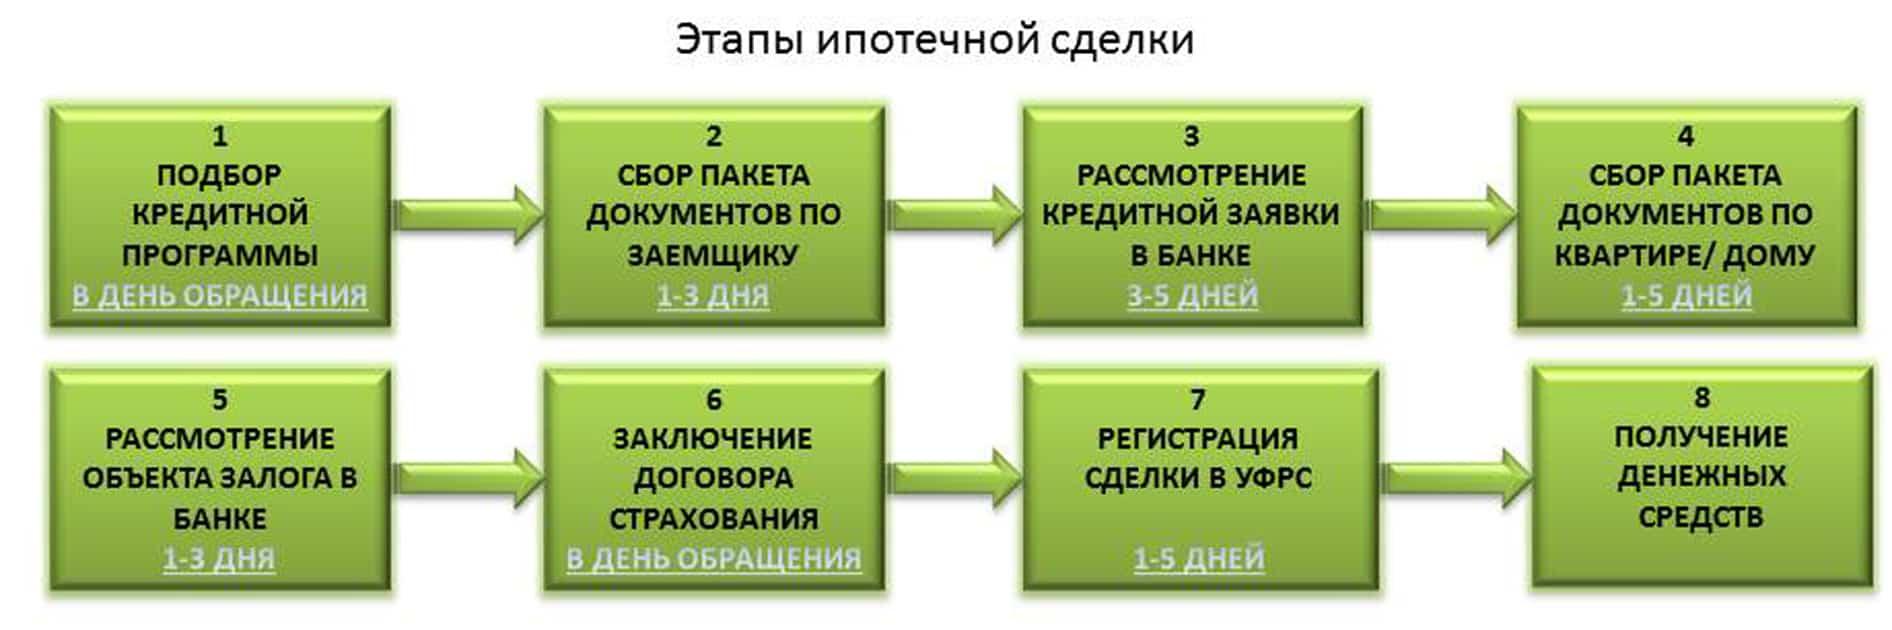 этапы ипотечной сделки